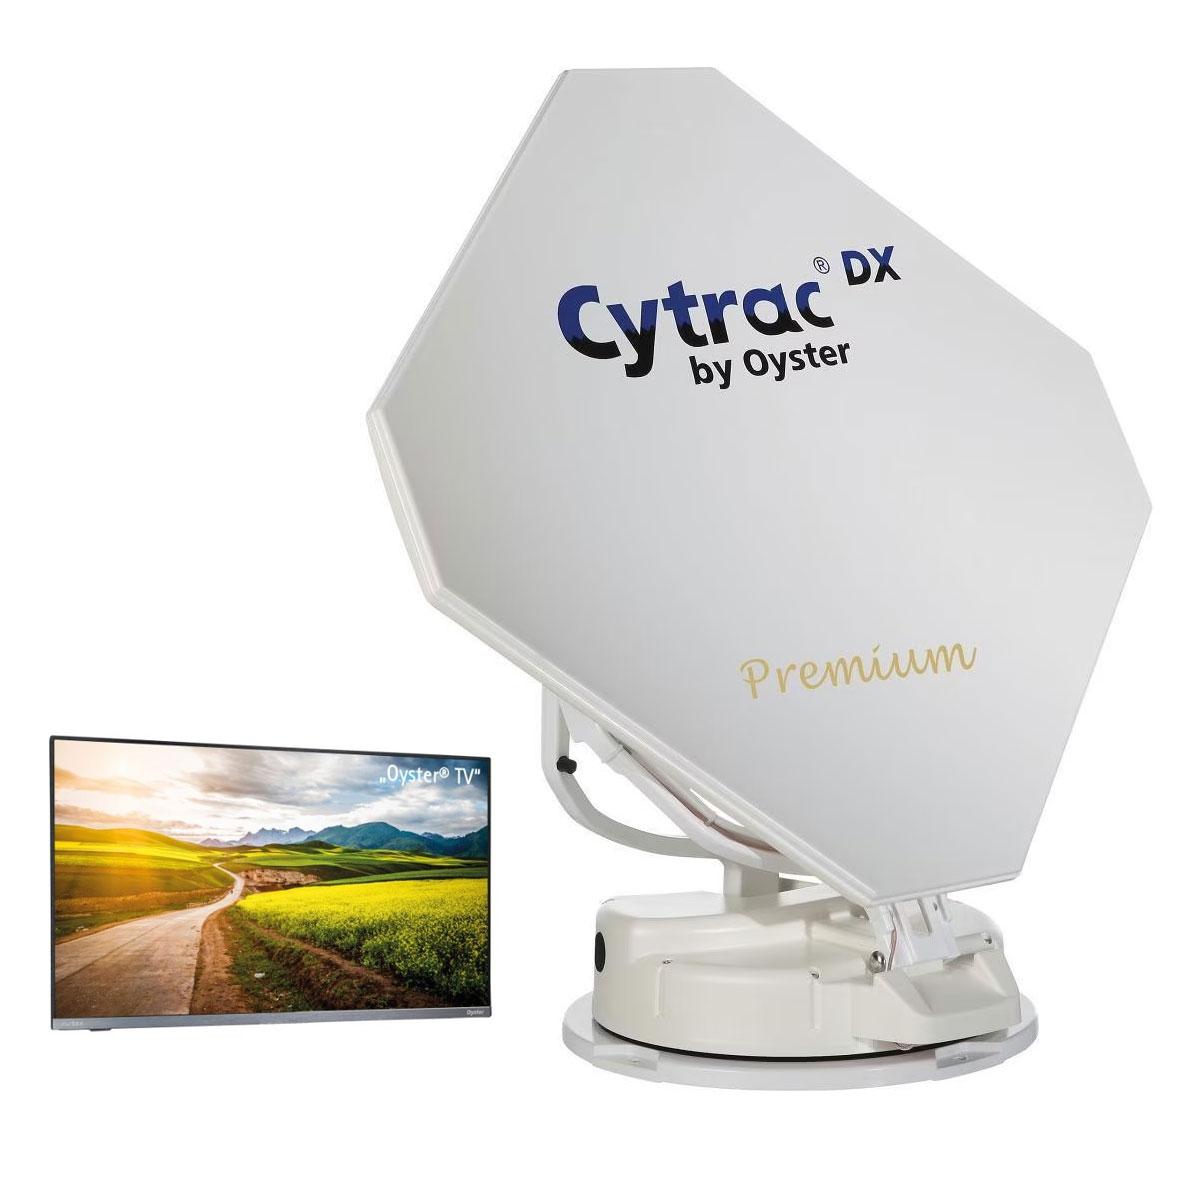 Automatische Sat Anlage CYTRAC DX Premium Single LNB mit TV Gerät 21,5